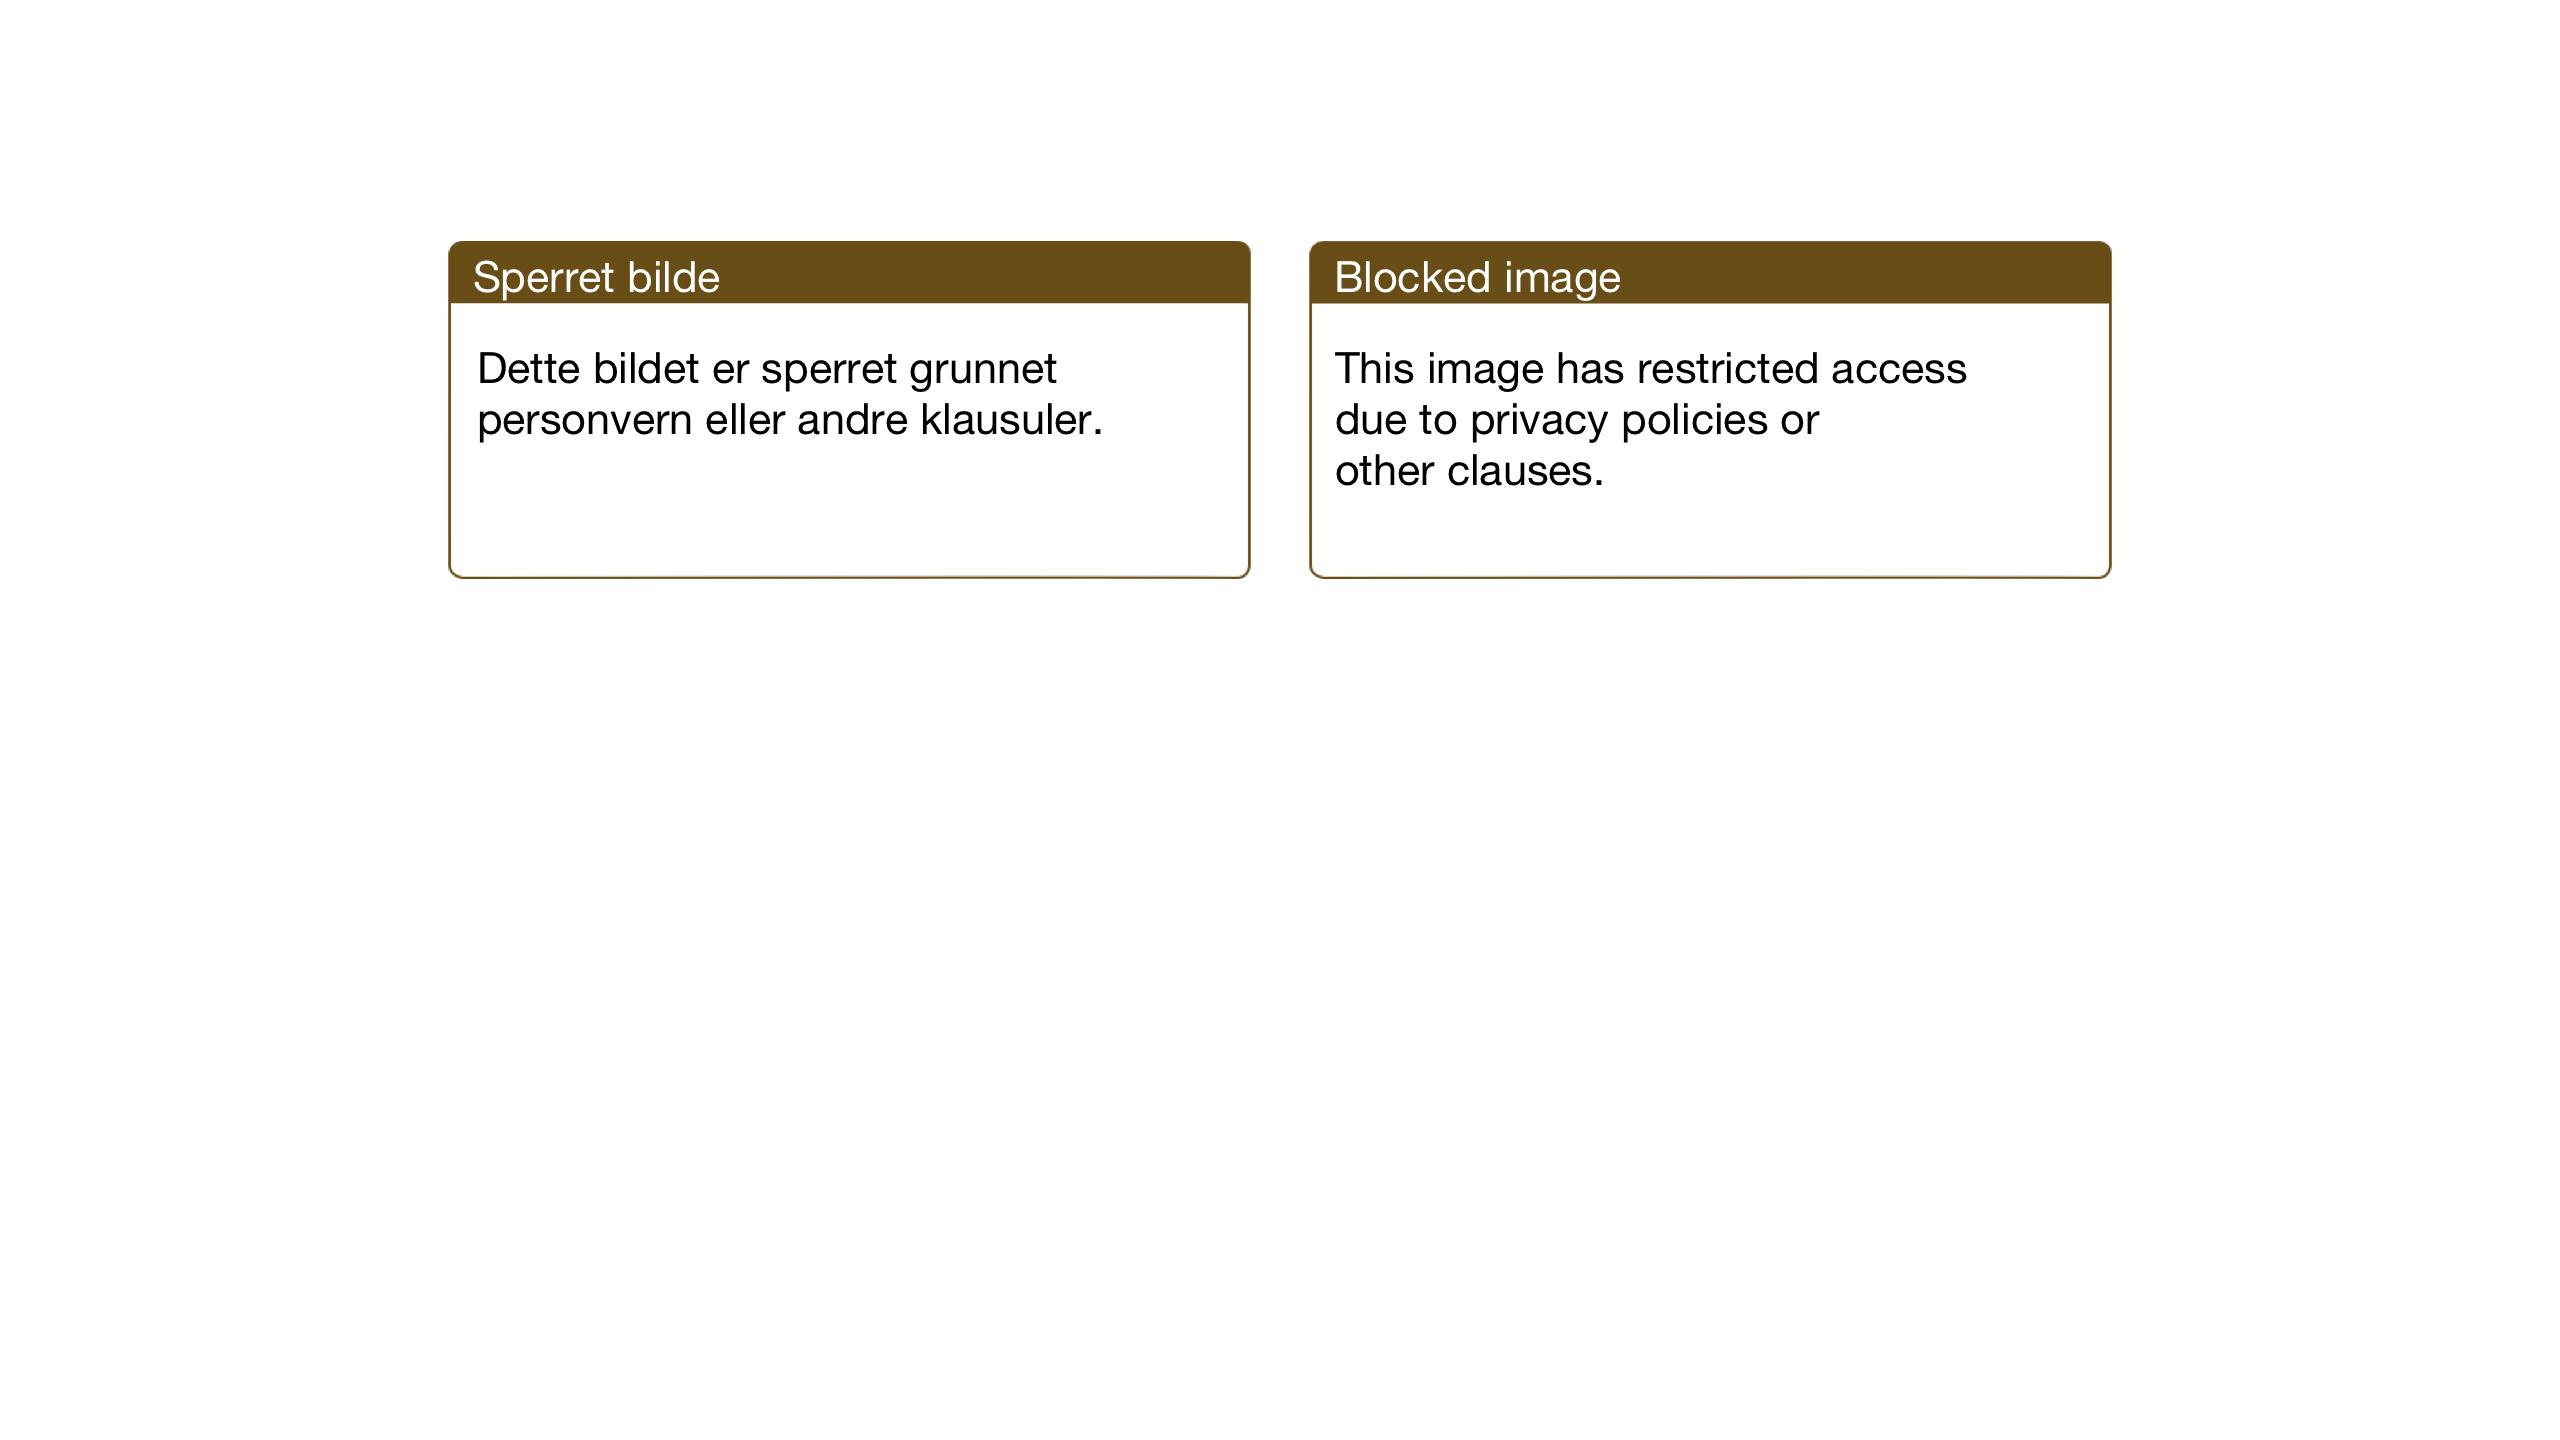 SAT, Ministerialprotokoller, klokkerbøker og fødselsregistre - Sør-Trøndelag, 655/L0690: Klokkerbok nr. 655C06, 1937-1950, s. 43